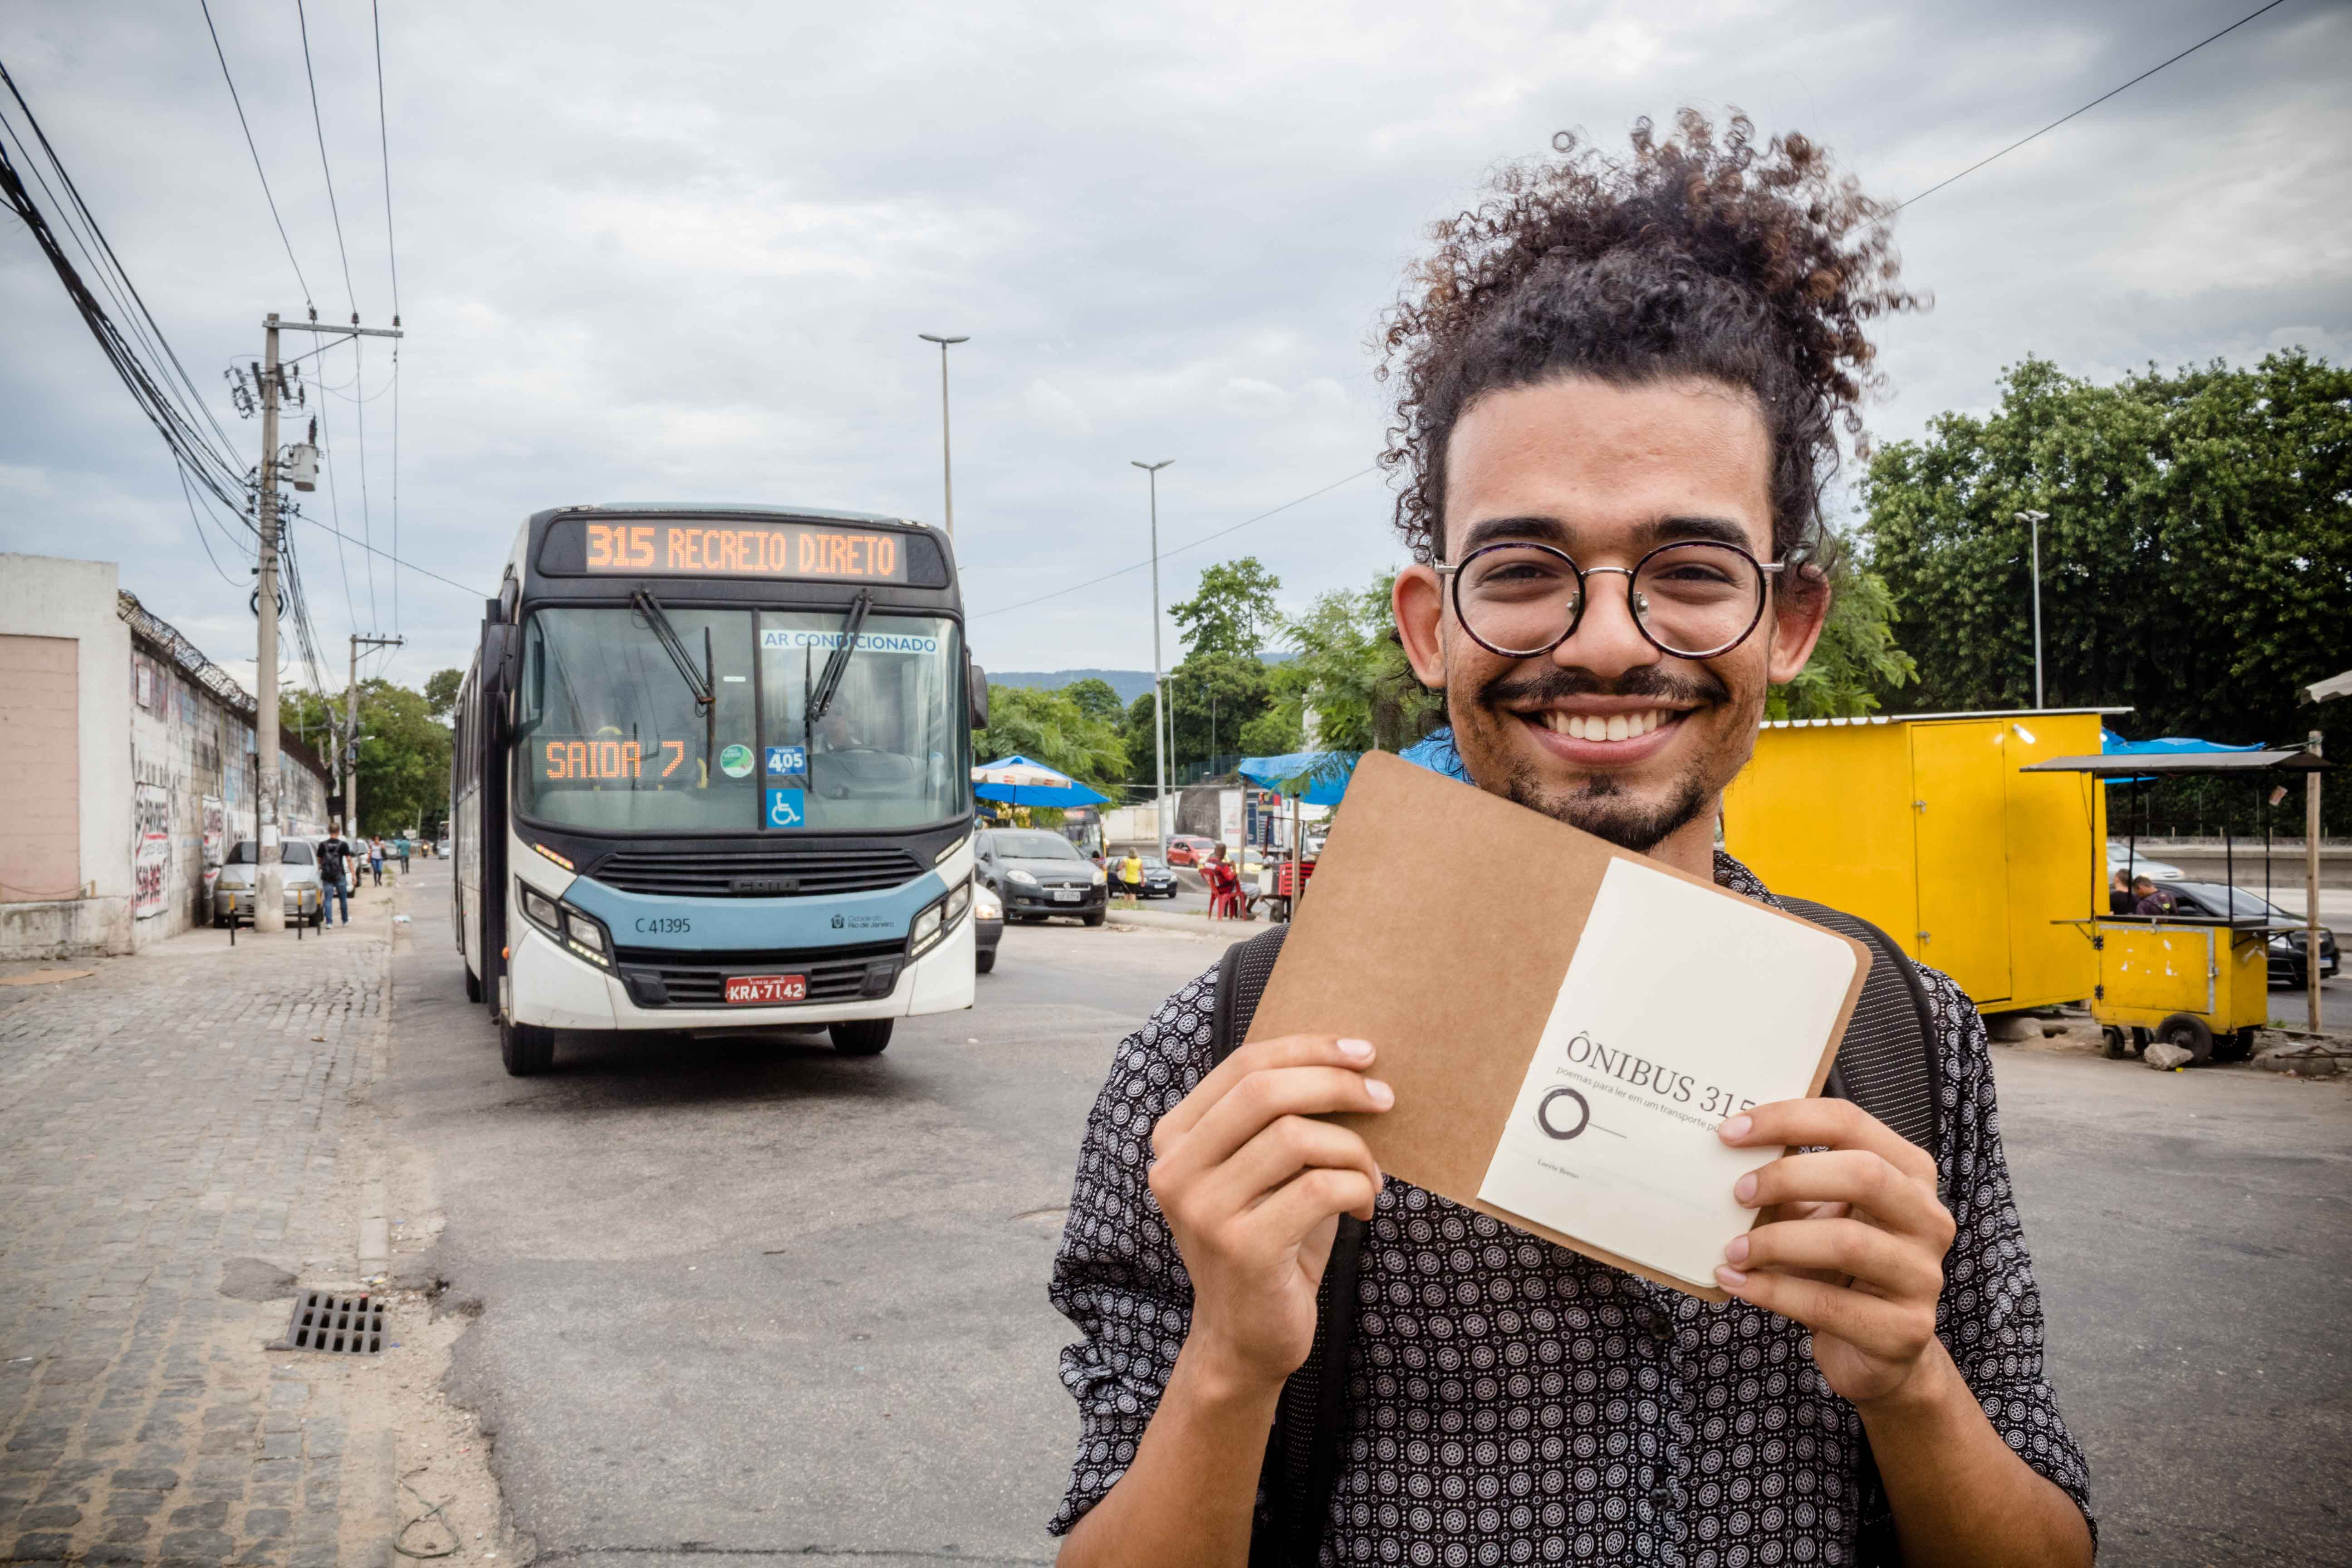 Jovem morador do Complexo da Maré lançará o livro 'Ônibus 315' na Casa Voz neste sábado (14)